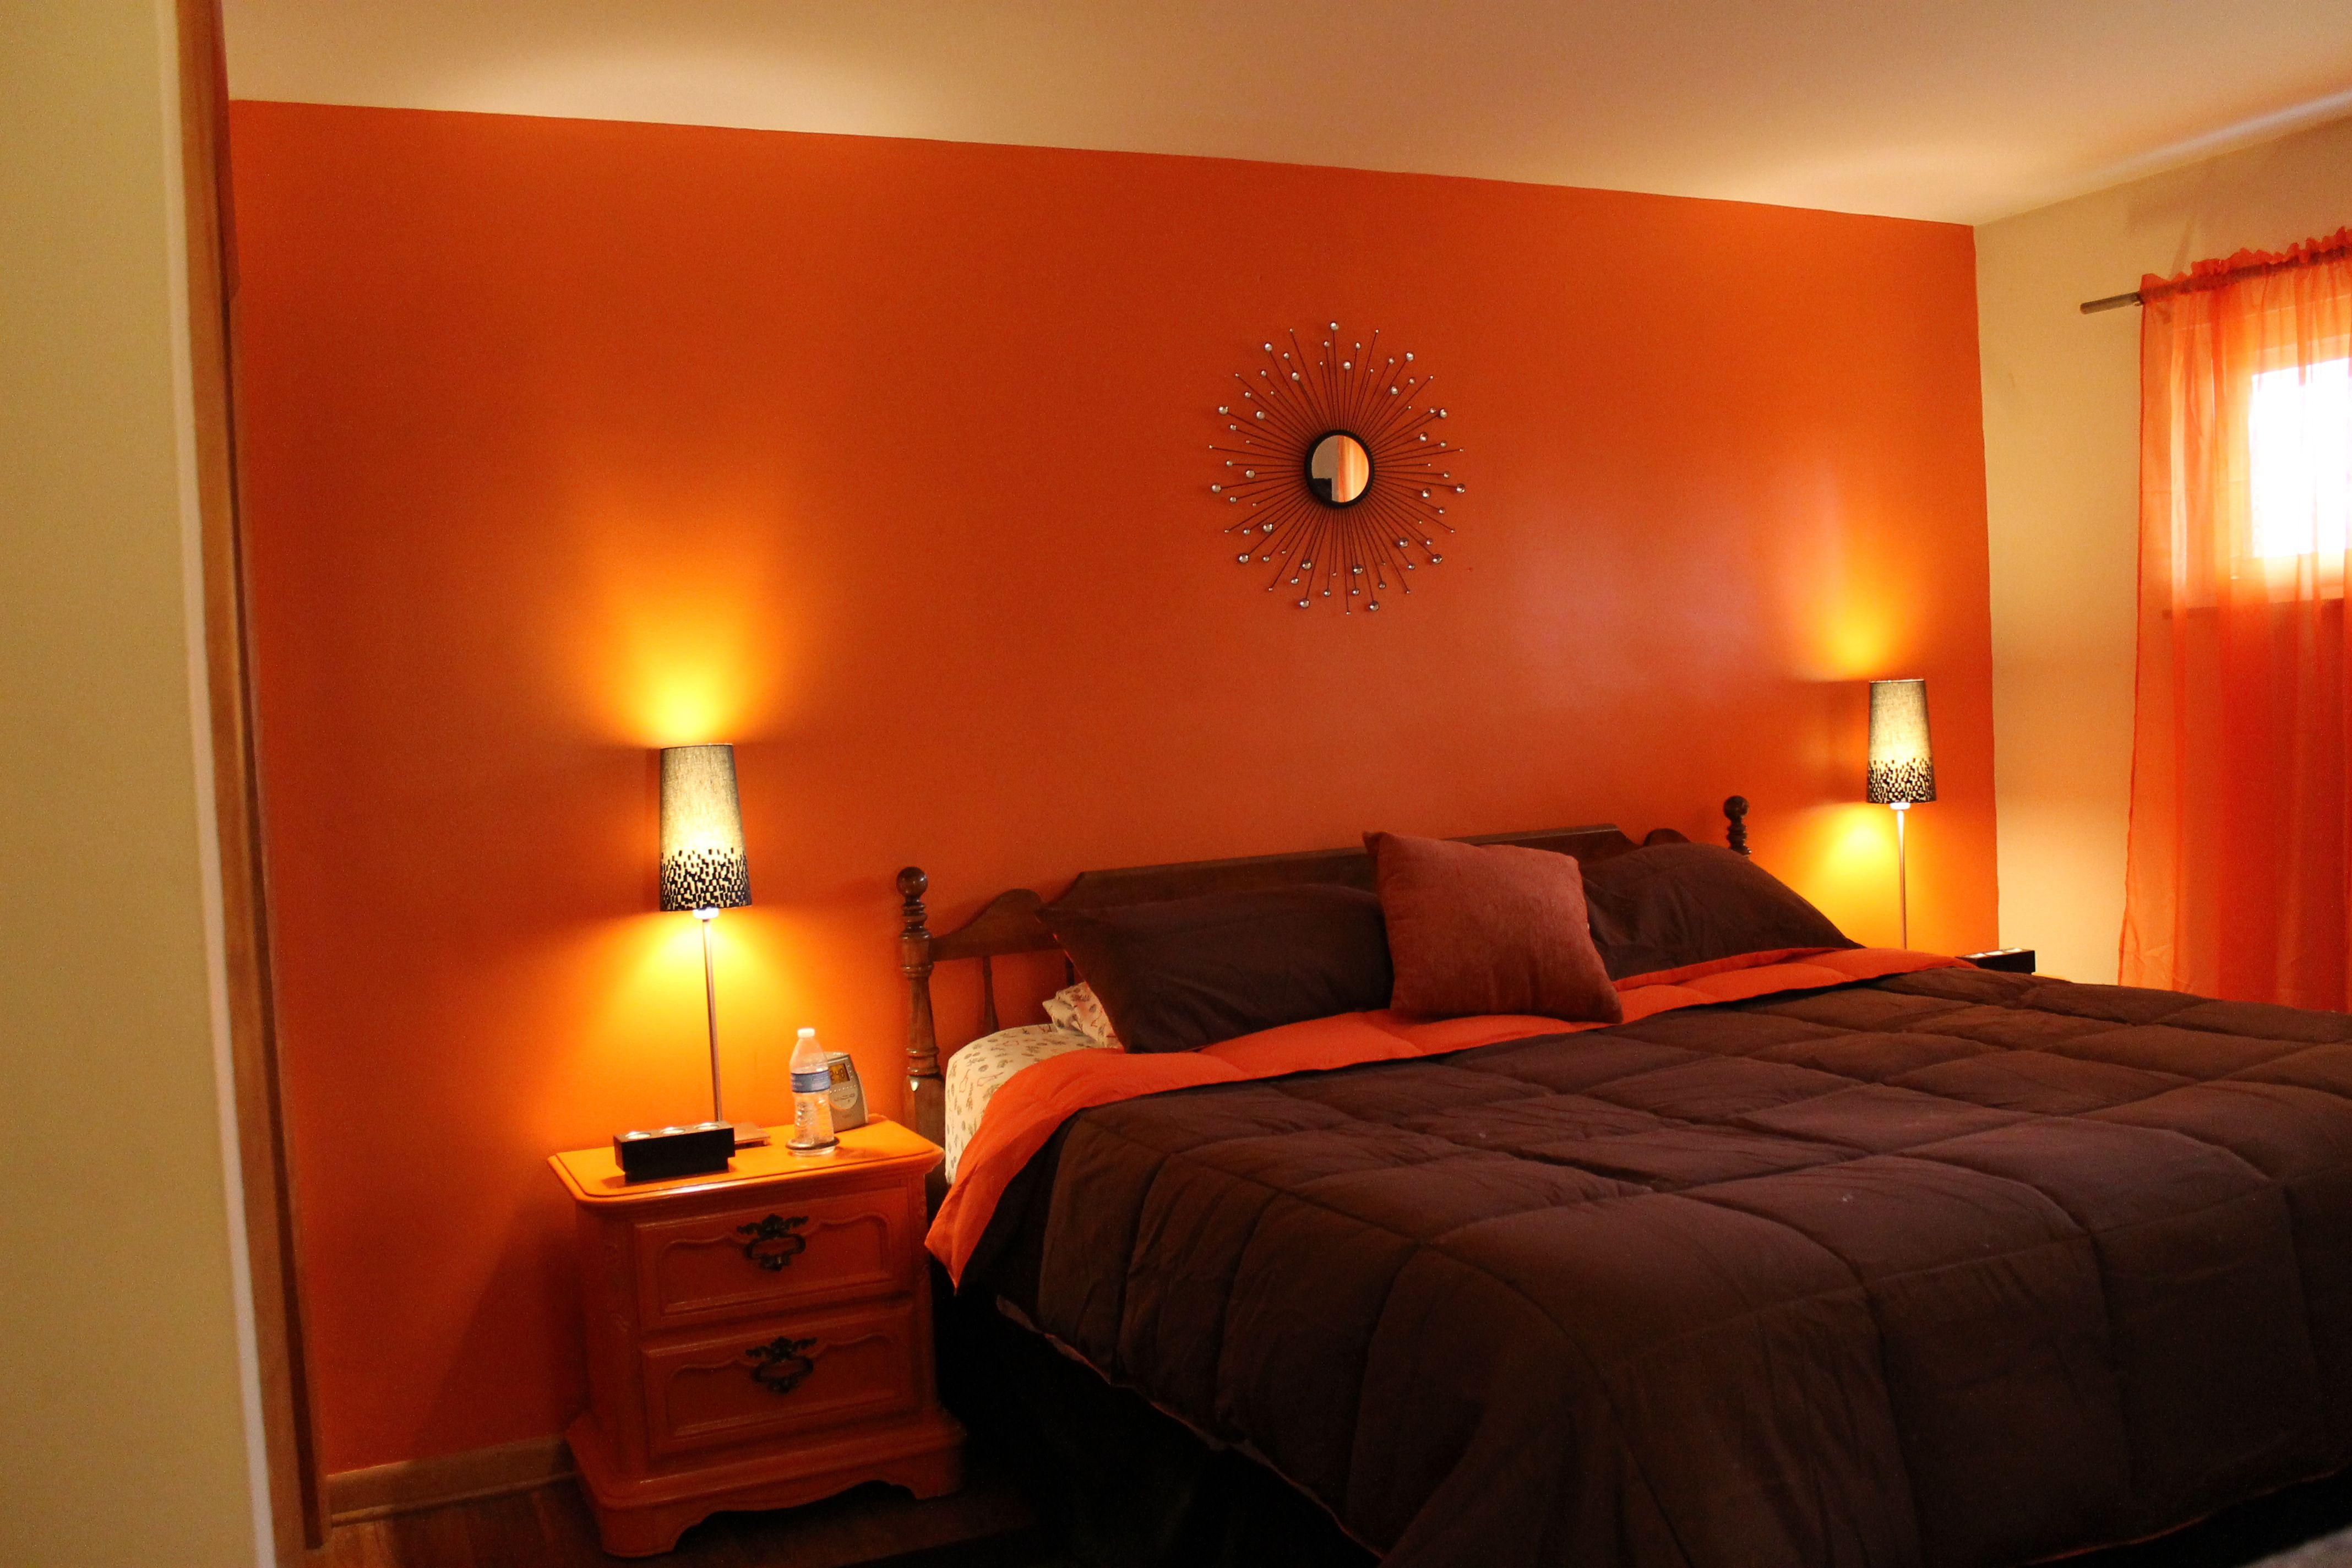 Orange And Brown Bedroom Couples Bedroom Colors Bedroom Colors Bedroom Color Combination